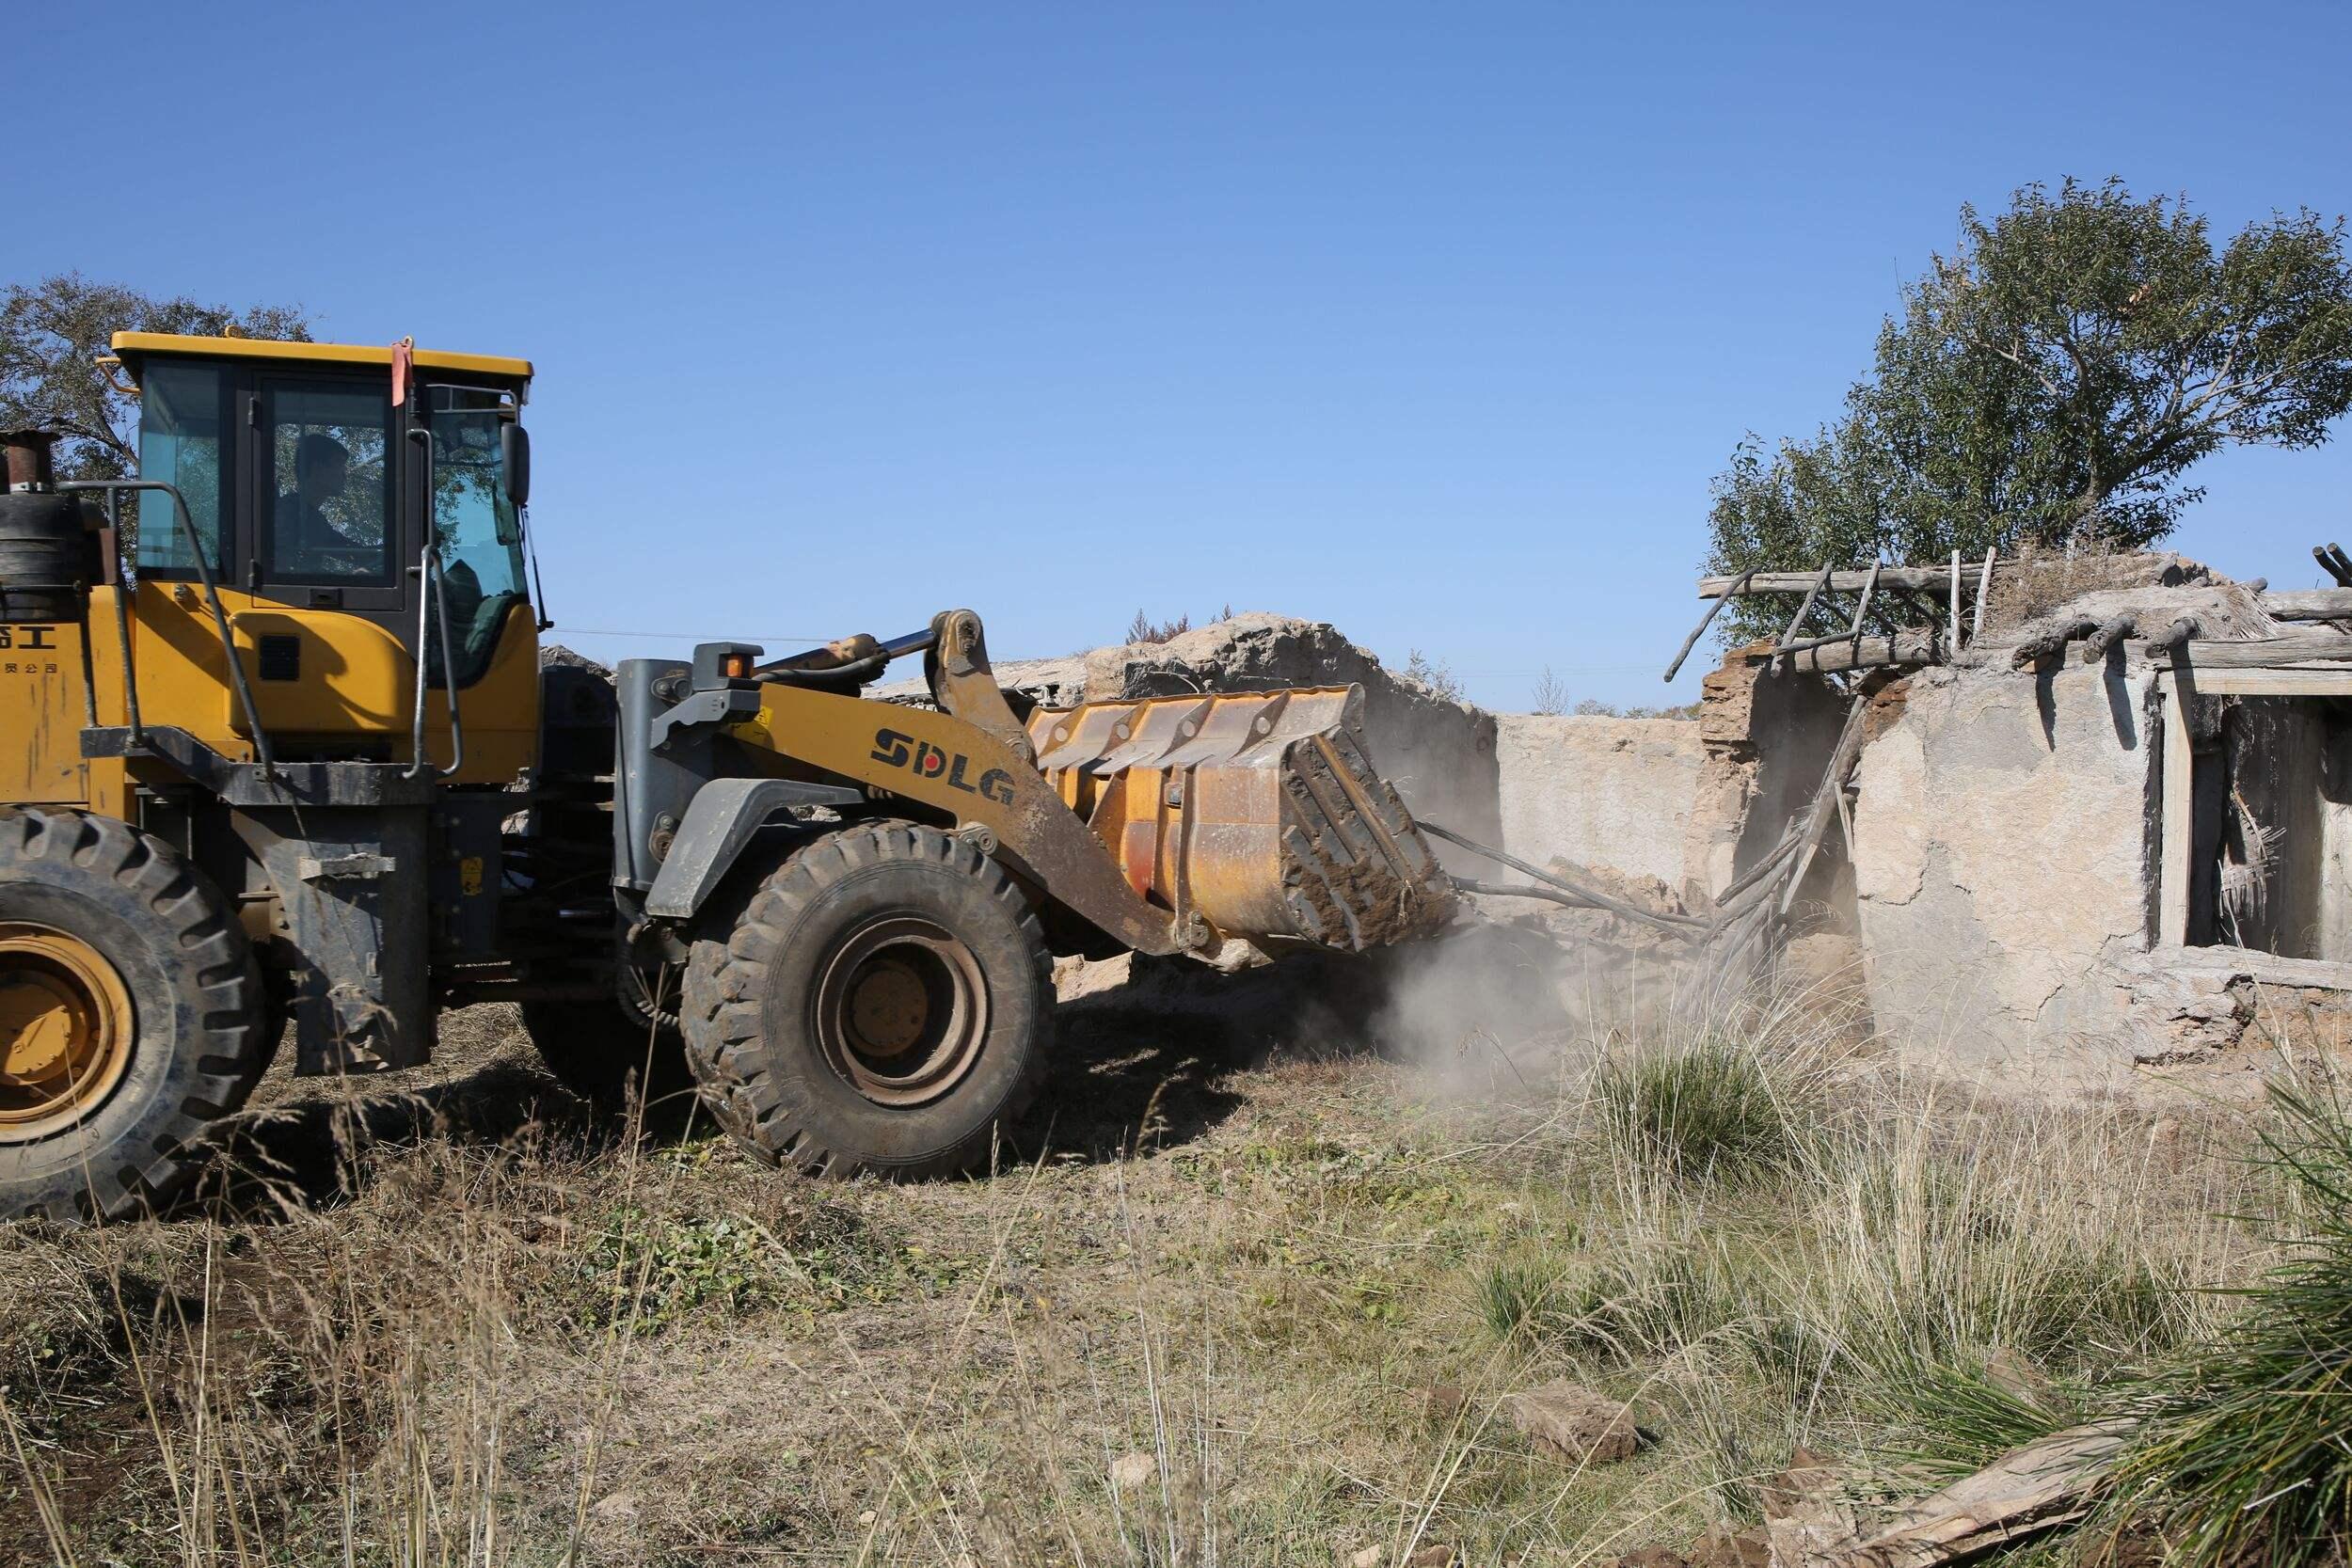 集体土地拆迁法,《土地管理法》的这几条规定要重点掌握!